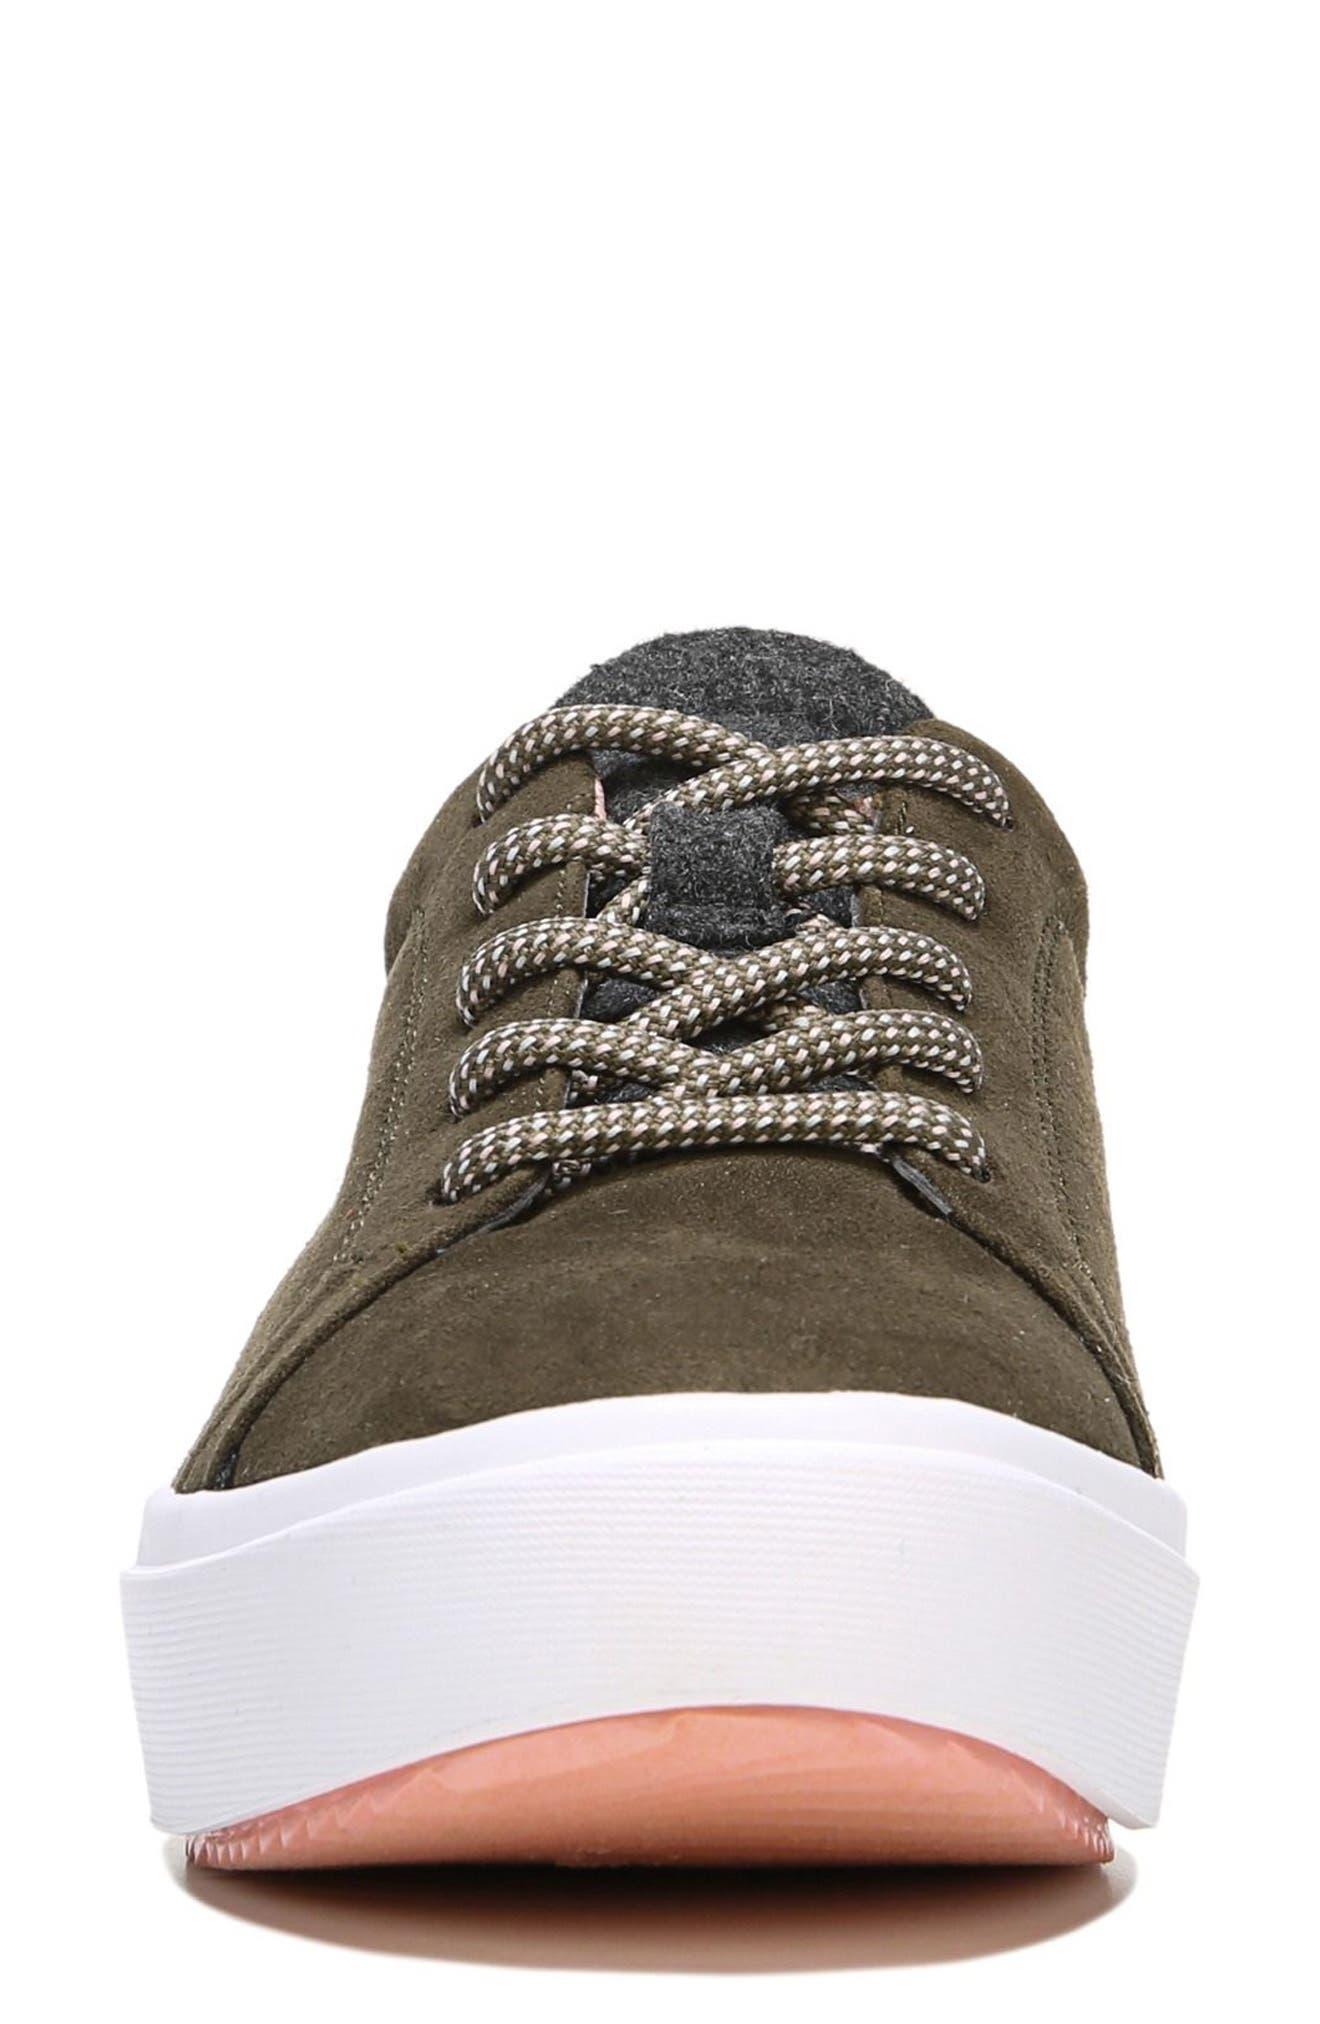 Alternate Image 4  - Dr. Scholl's Wander Sneaker (Women)